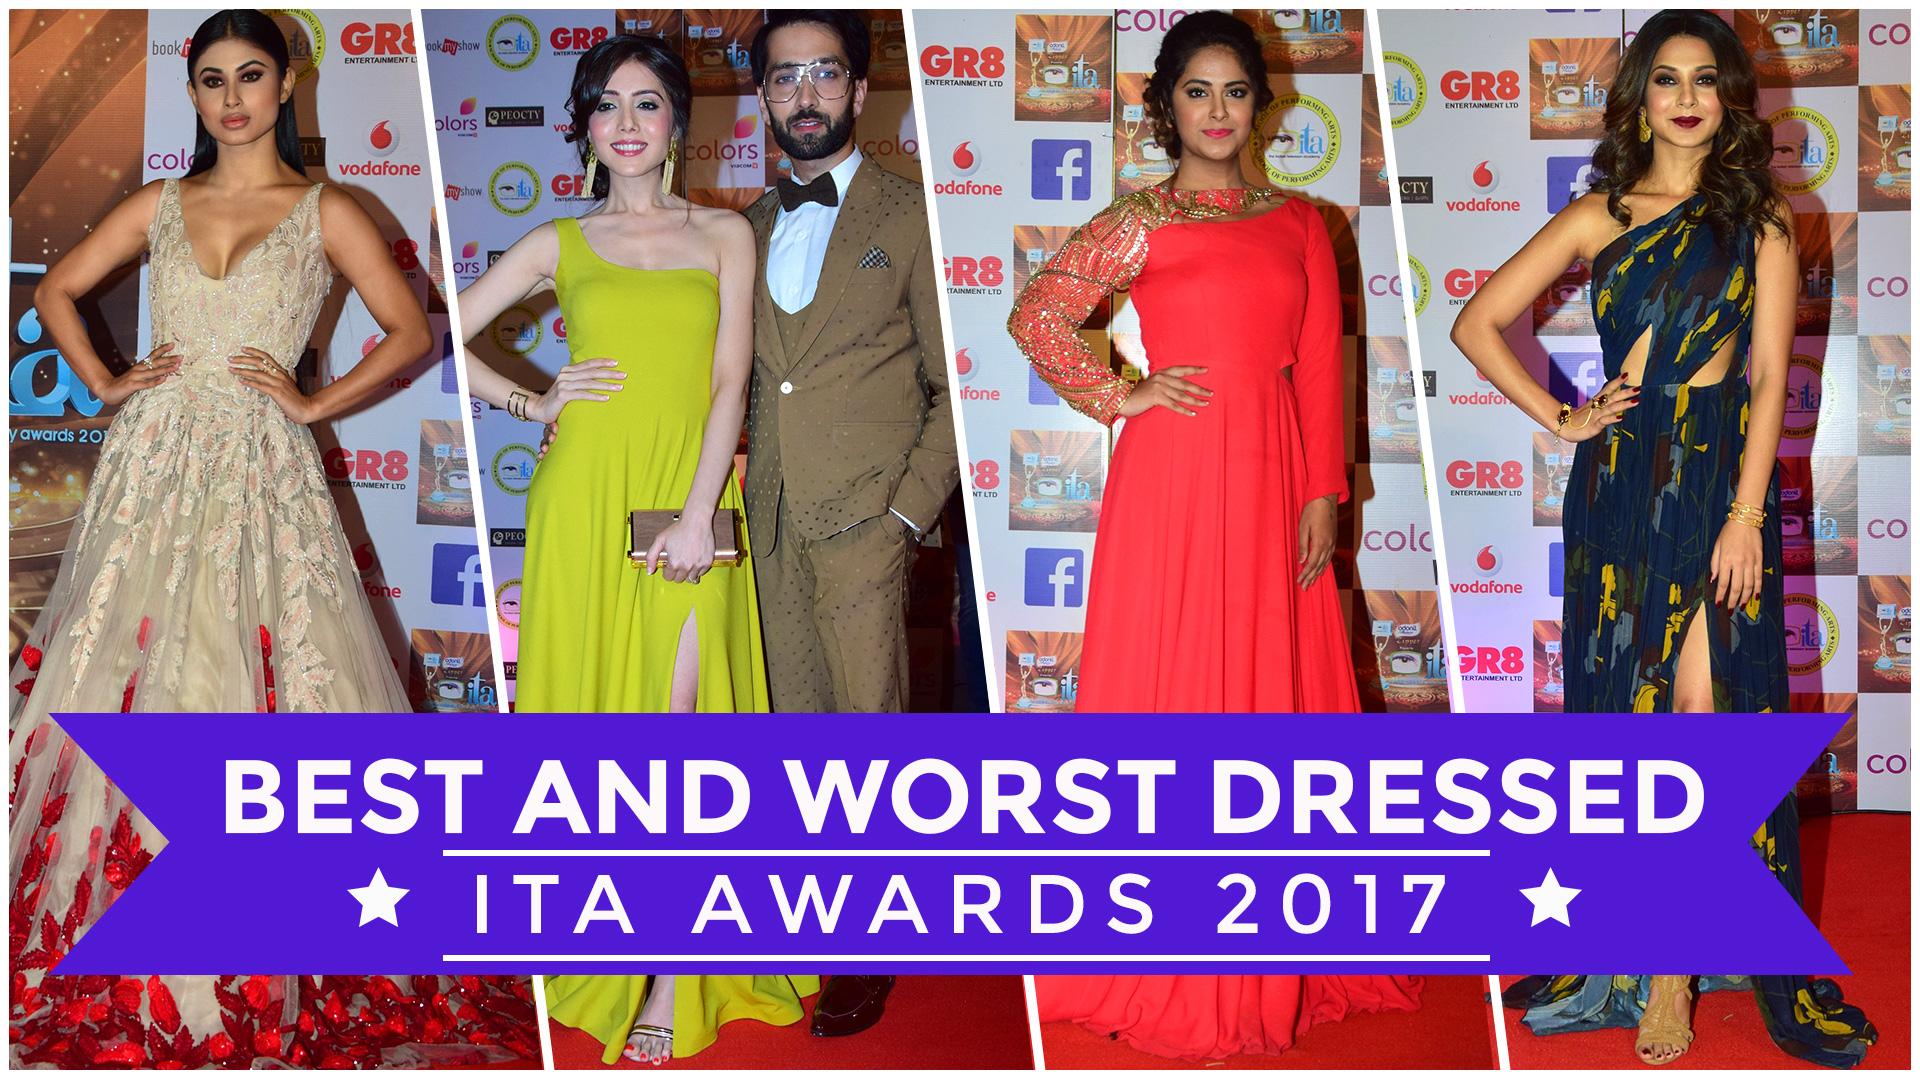 मौनी रॉय, जेनिफर विंगेट और अदा खान समेतदेखिये TV सितारों का ITA Awards बेस्ट और वर्स्ट लुक